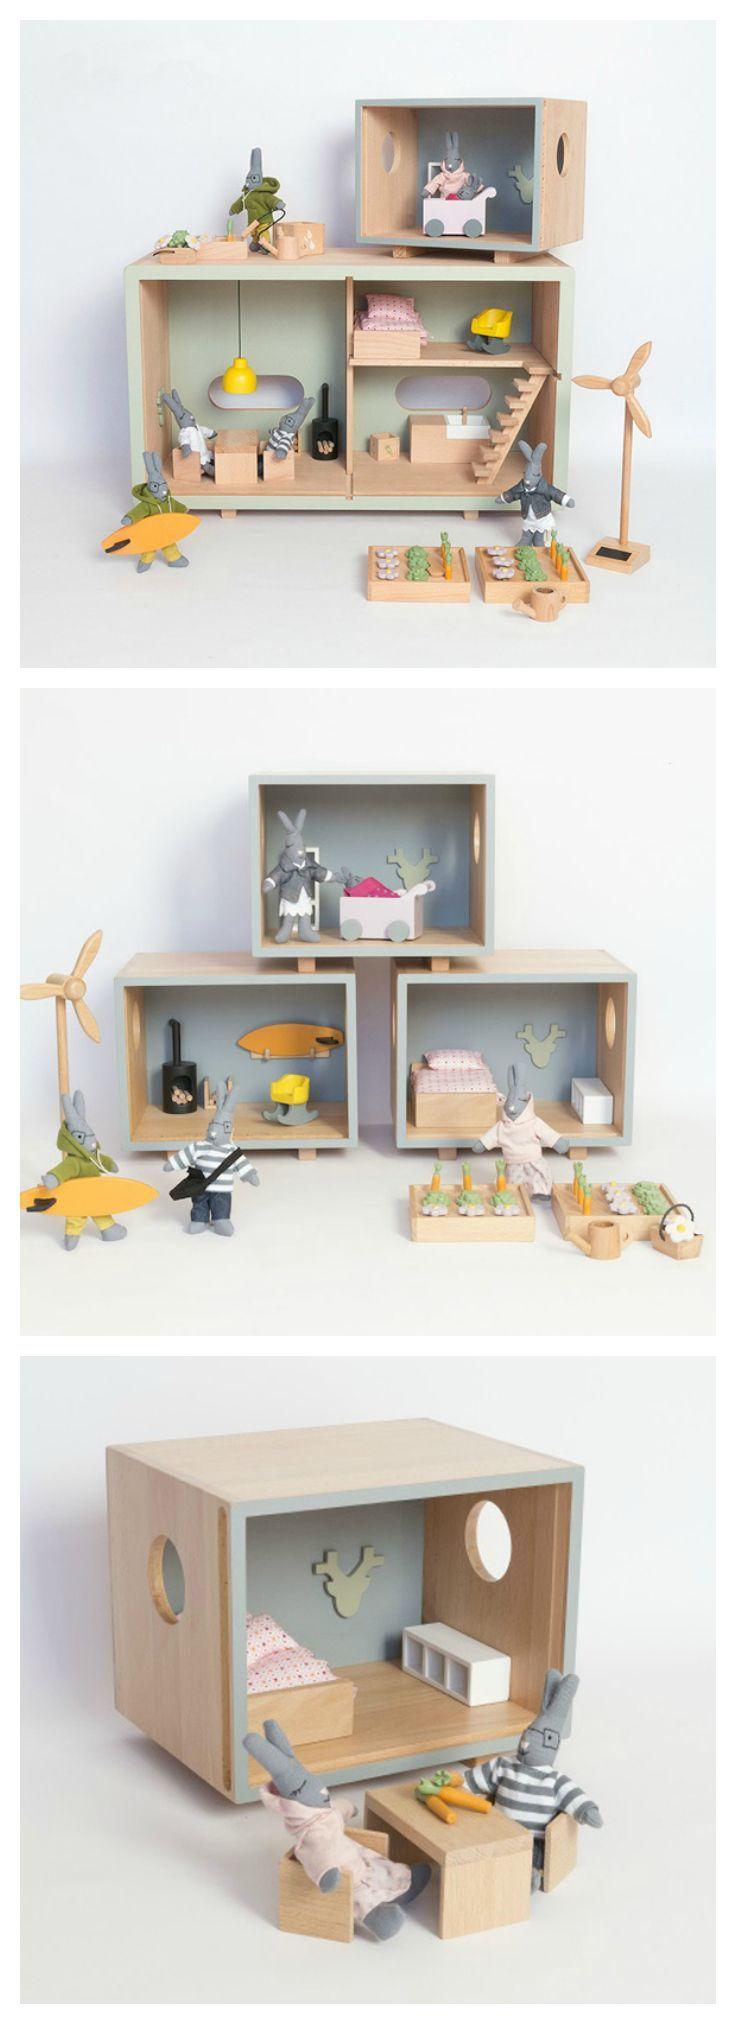 eine kiste mit den ikea puppenhaus zubeh r make play. Black Bedroom Furniture Sets. Home Design Ideas